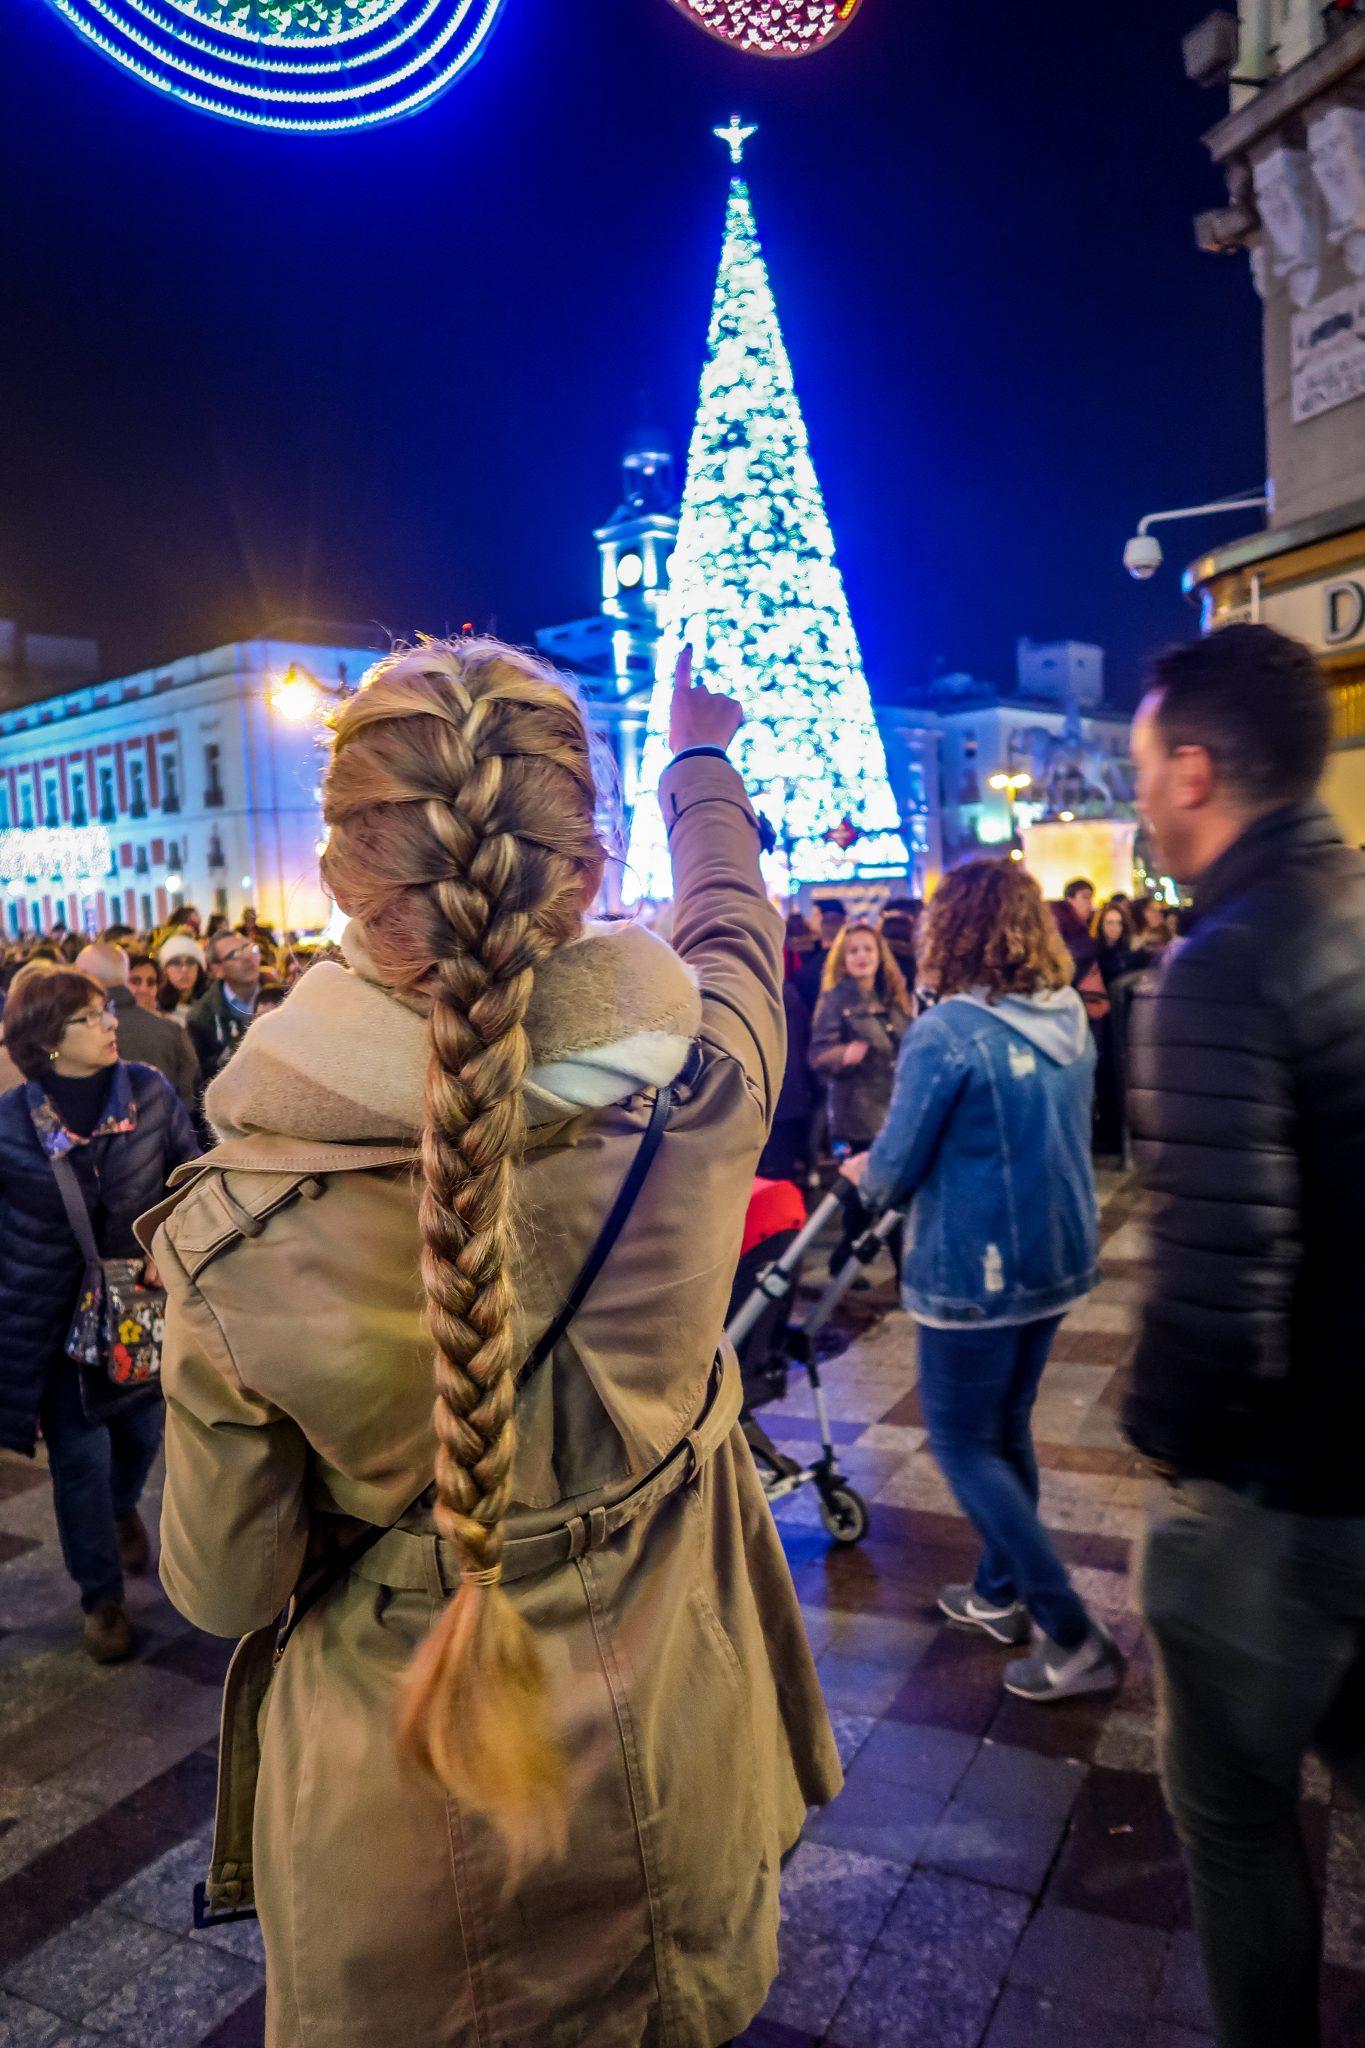 Der riesige Weihnachtsbaum auf dem Plaza del Sol wird von vielen Menschen bewundert.